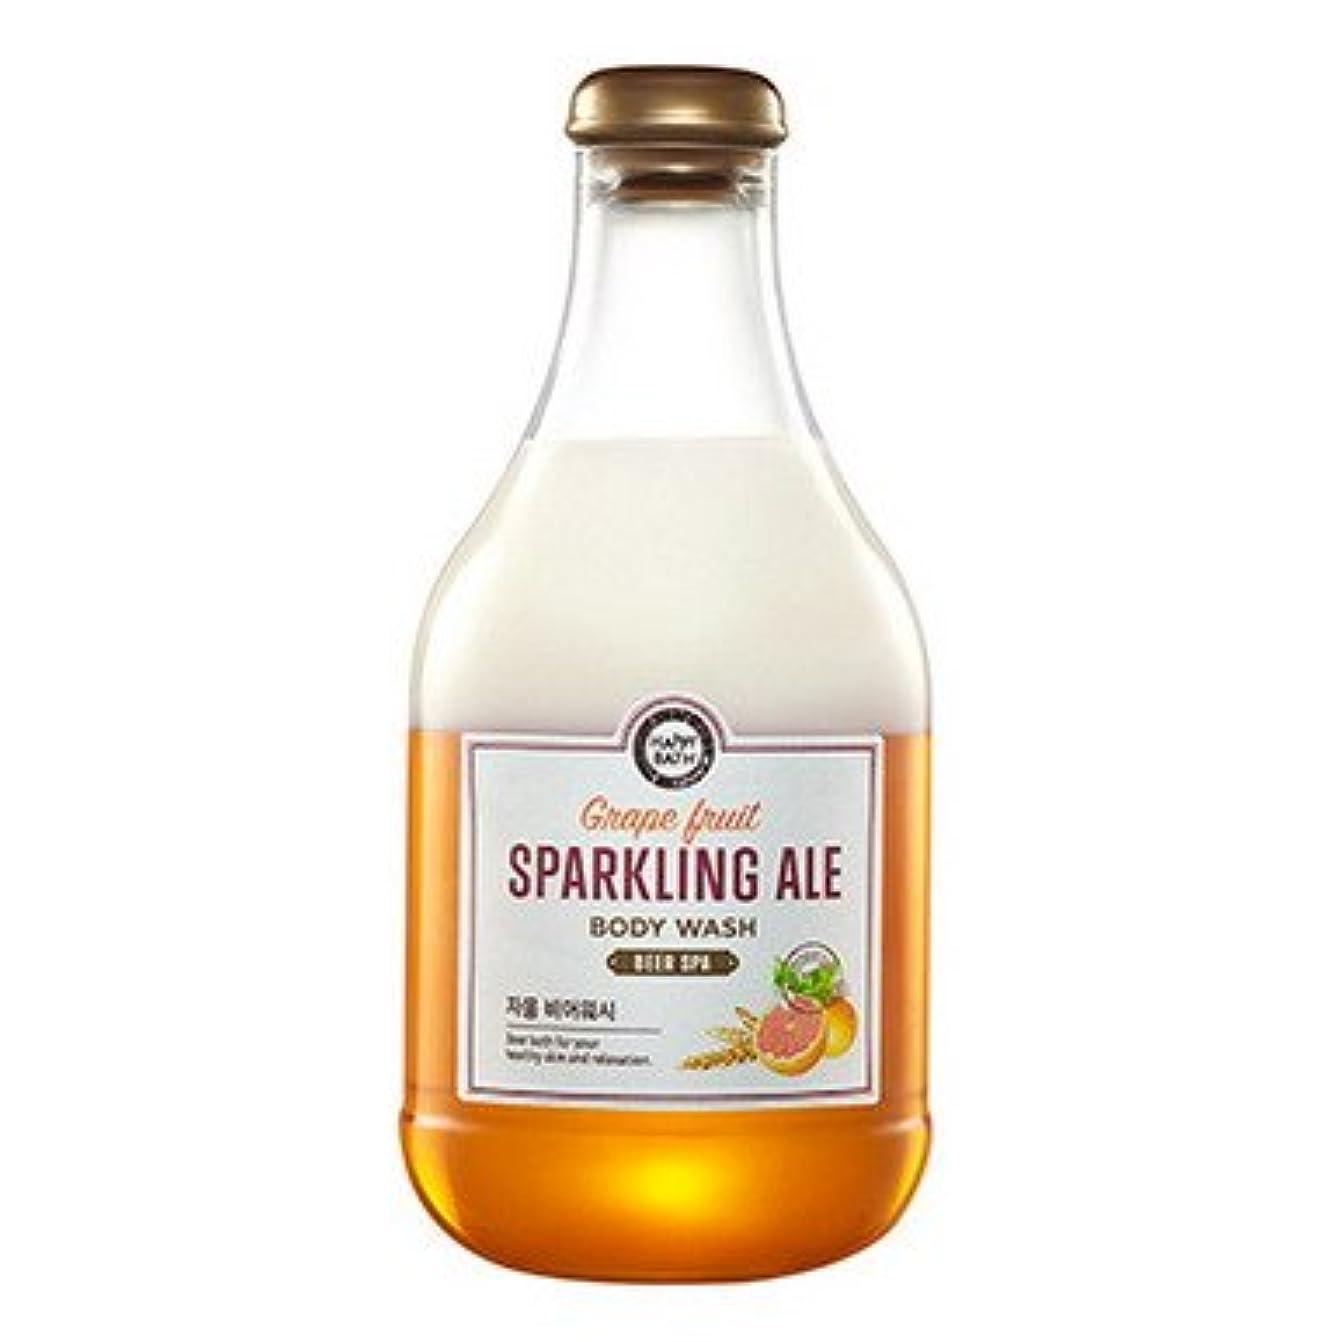 識別加速する排除【Happy Bath】ビールスパ ボディウォッシュ 300ml (4種類選択1) (グレープフルーツビール) [並行輸入品]